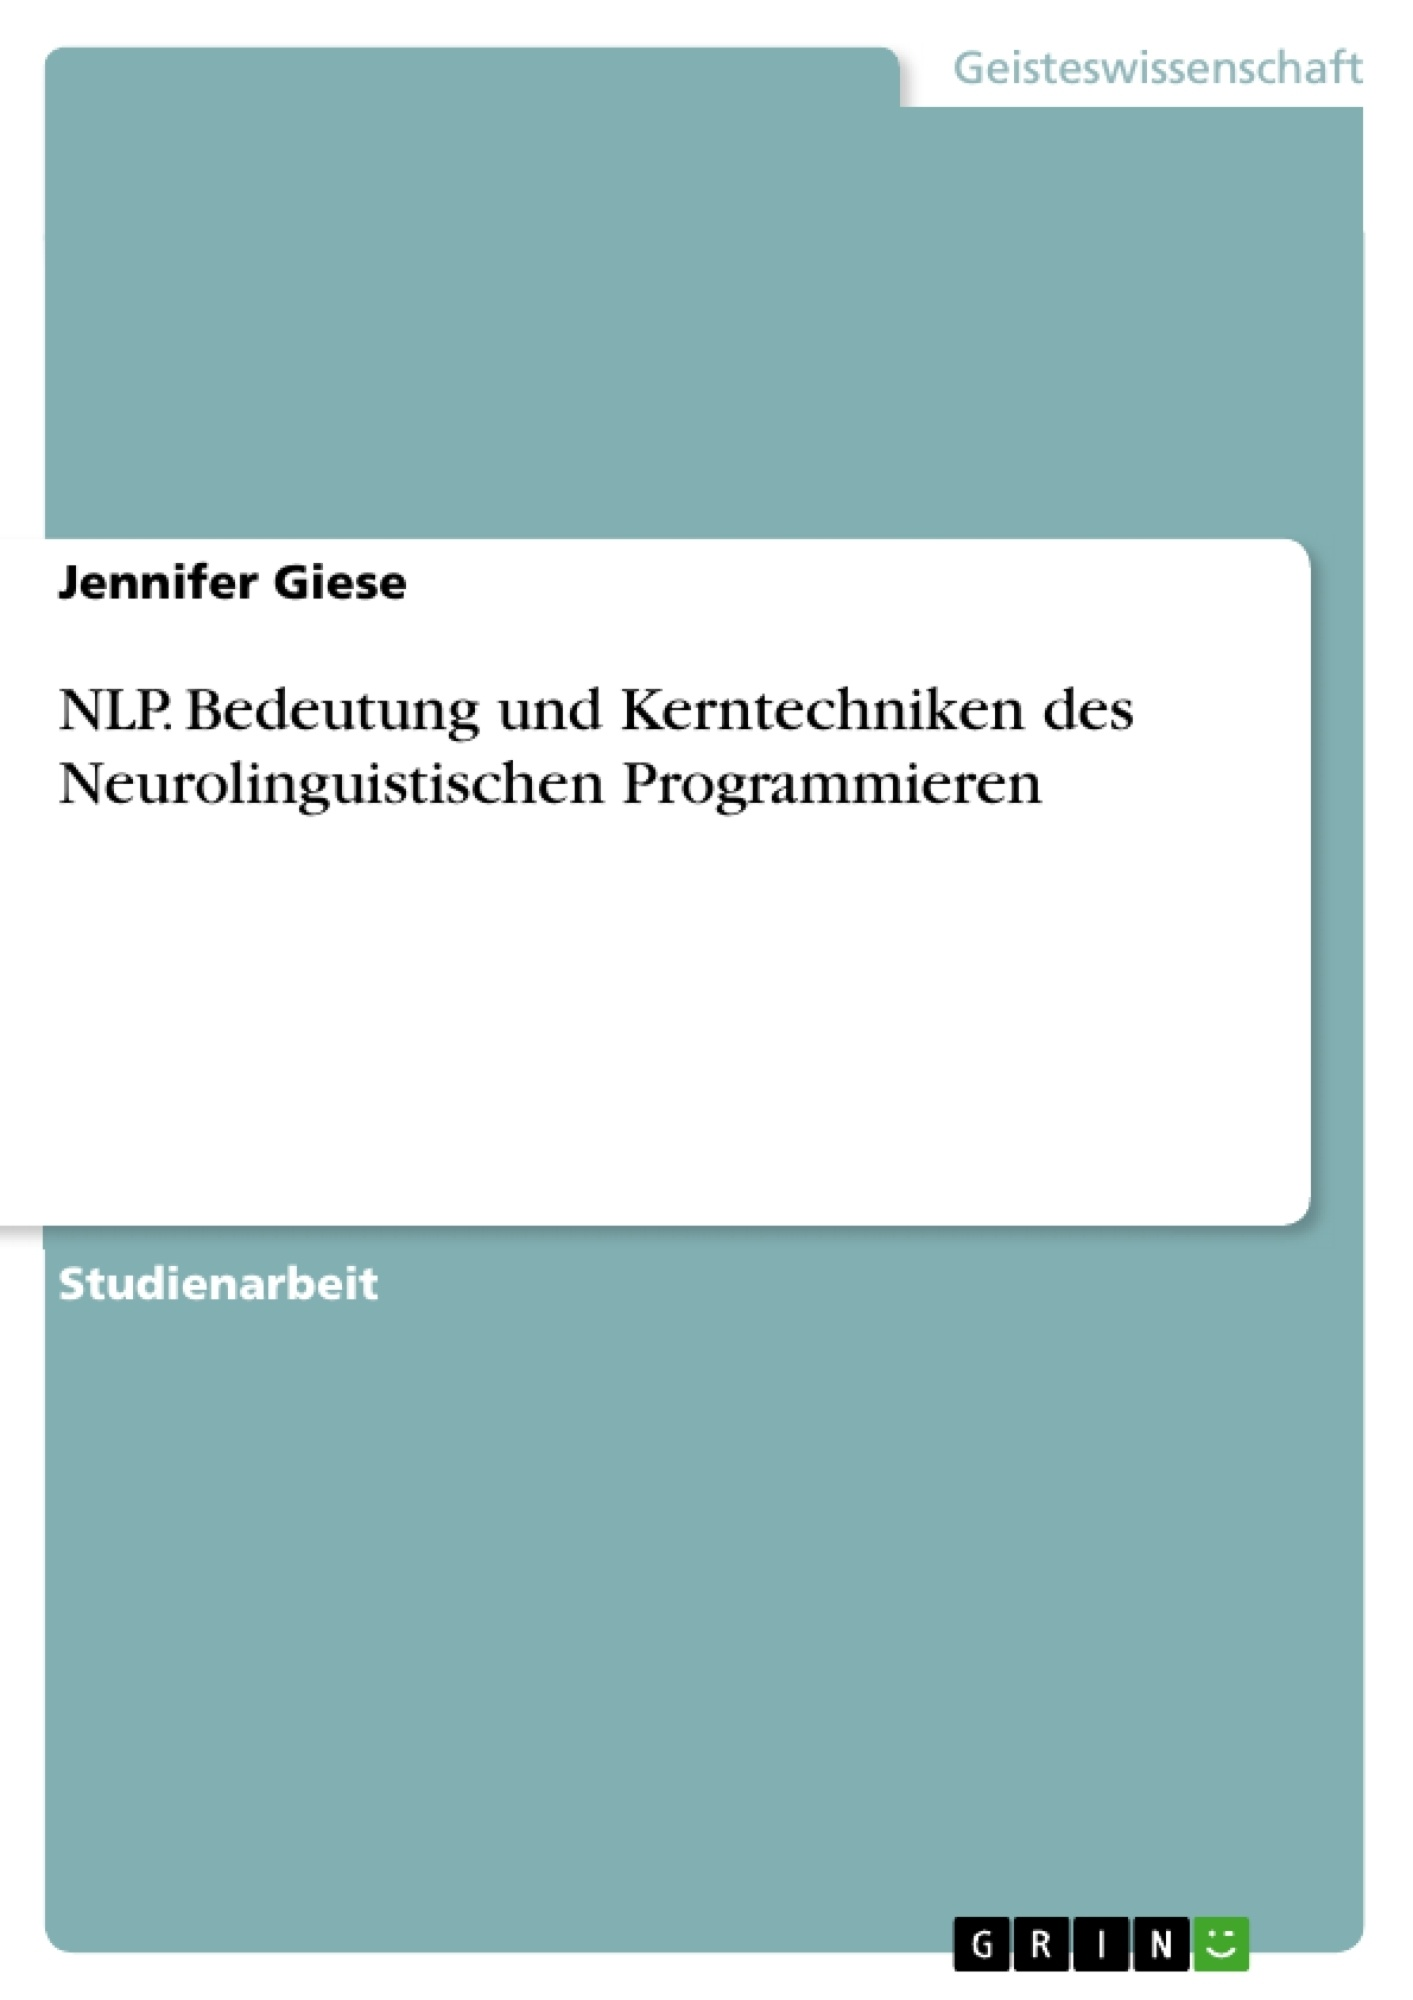 Titel: NLP. Bedeutung und Kerntechniken des Neurolinguistischen Programmieren